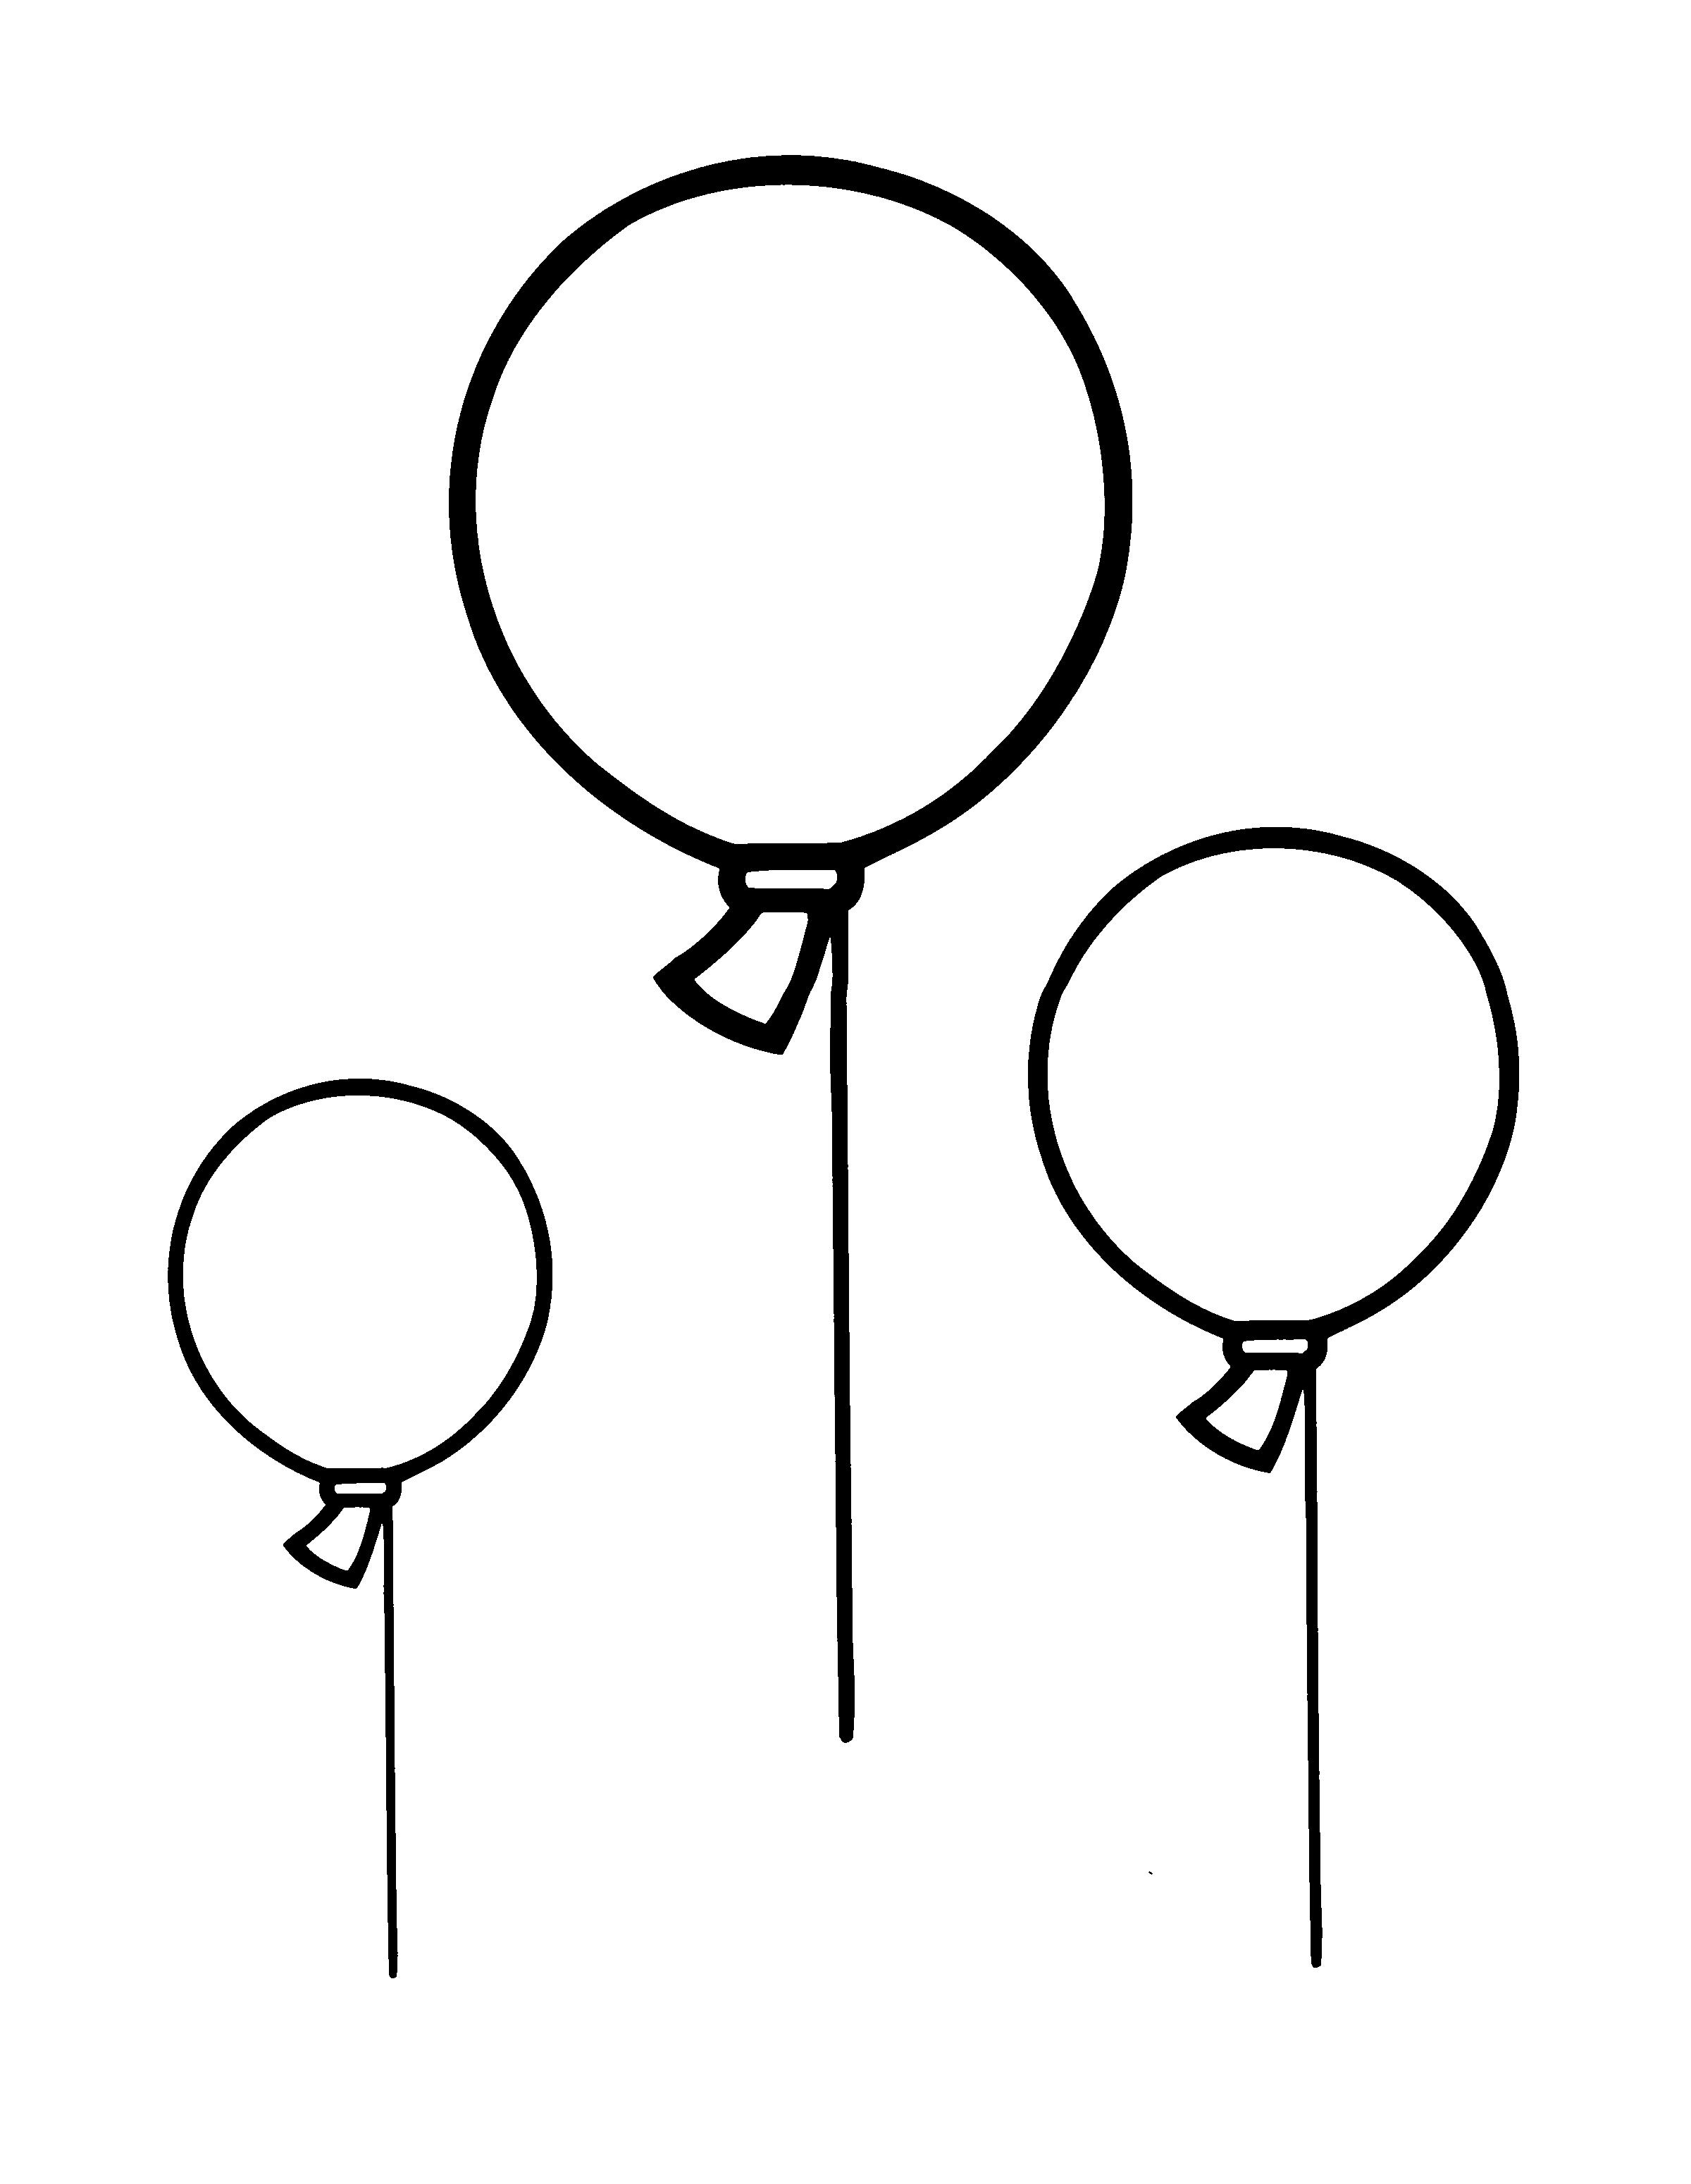 Kleurplaten Nijntje Met Ballon.Luxe Kleurplaat Nijntje Met Ballon Krijg Duizenden Kleurenfoto S